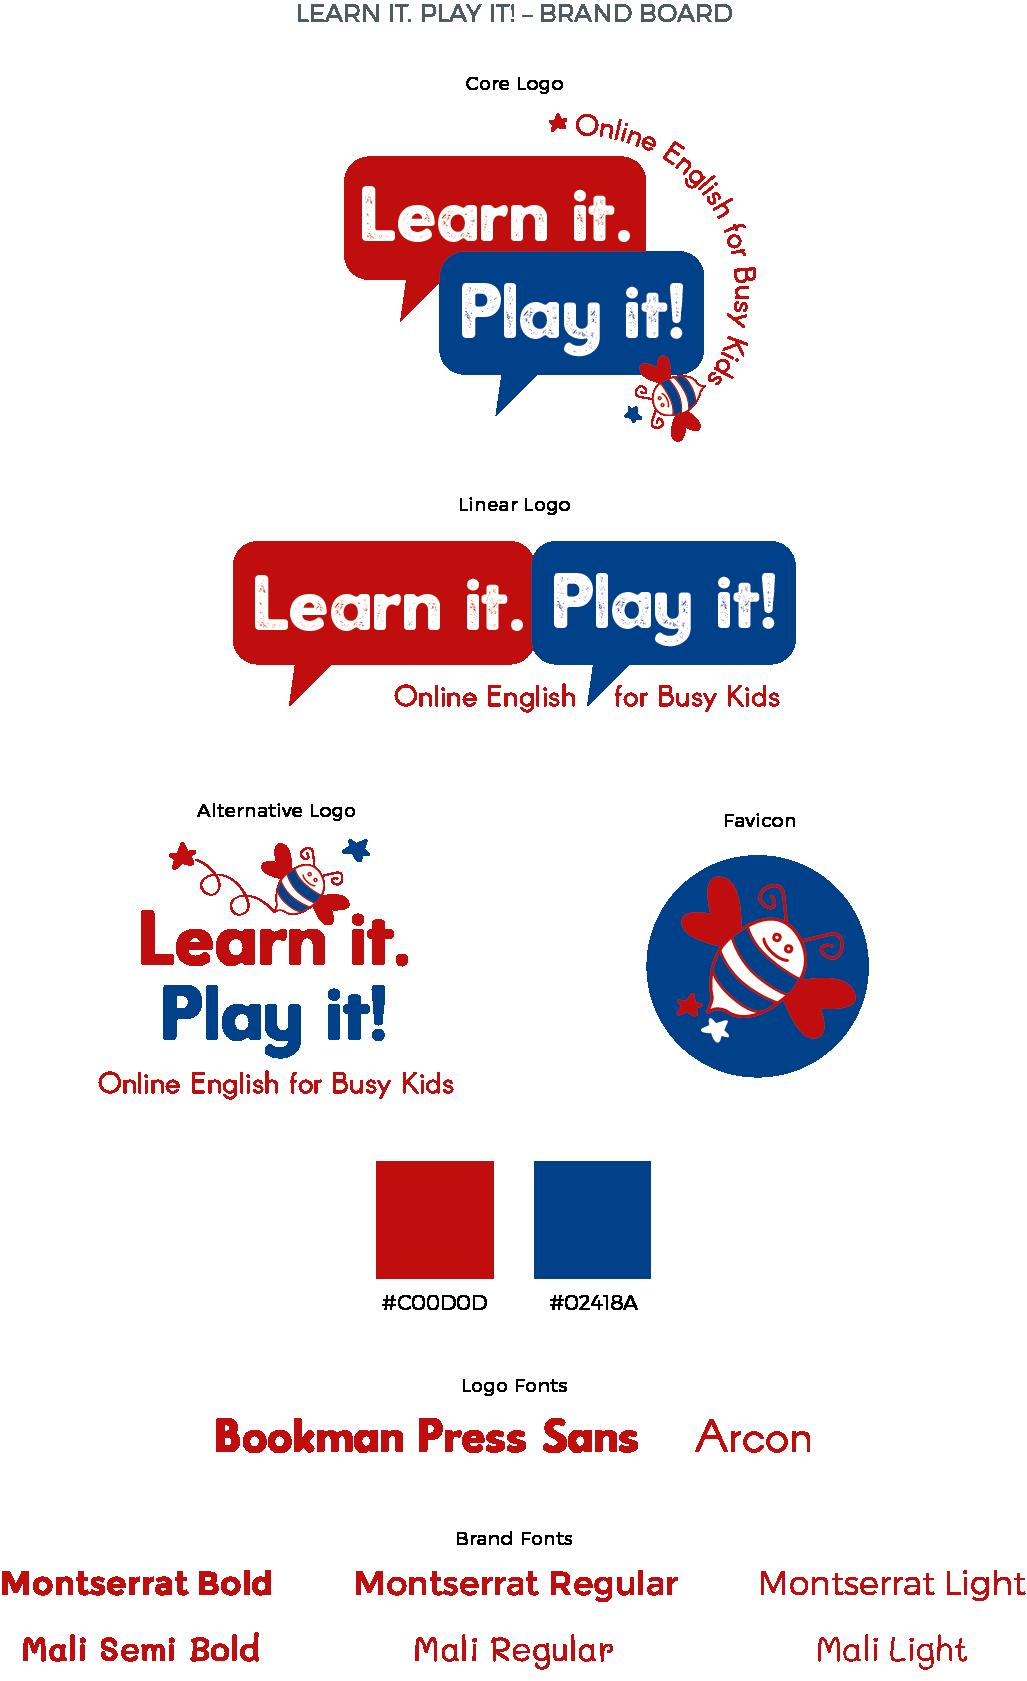 Learn It Play It Brand Board